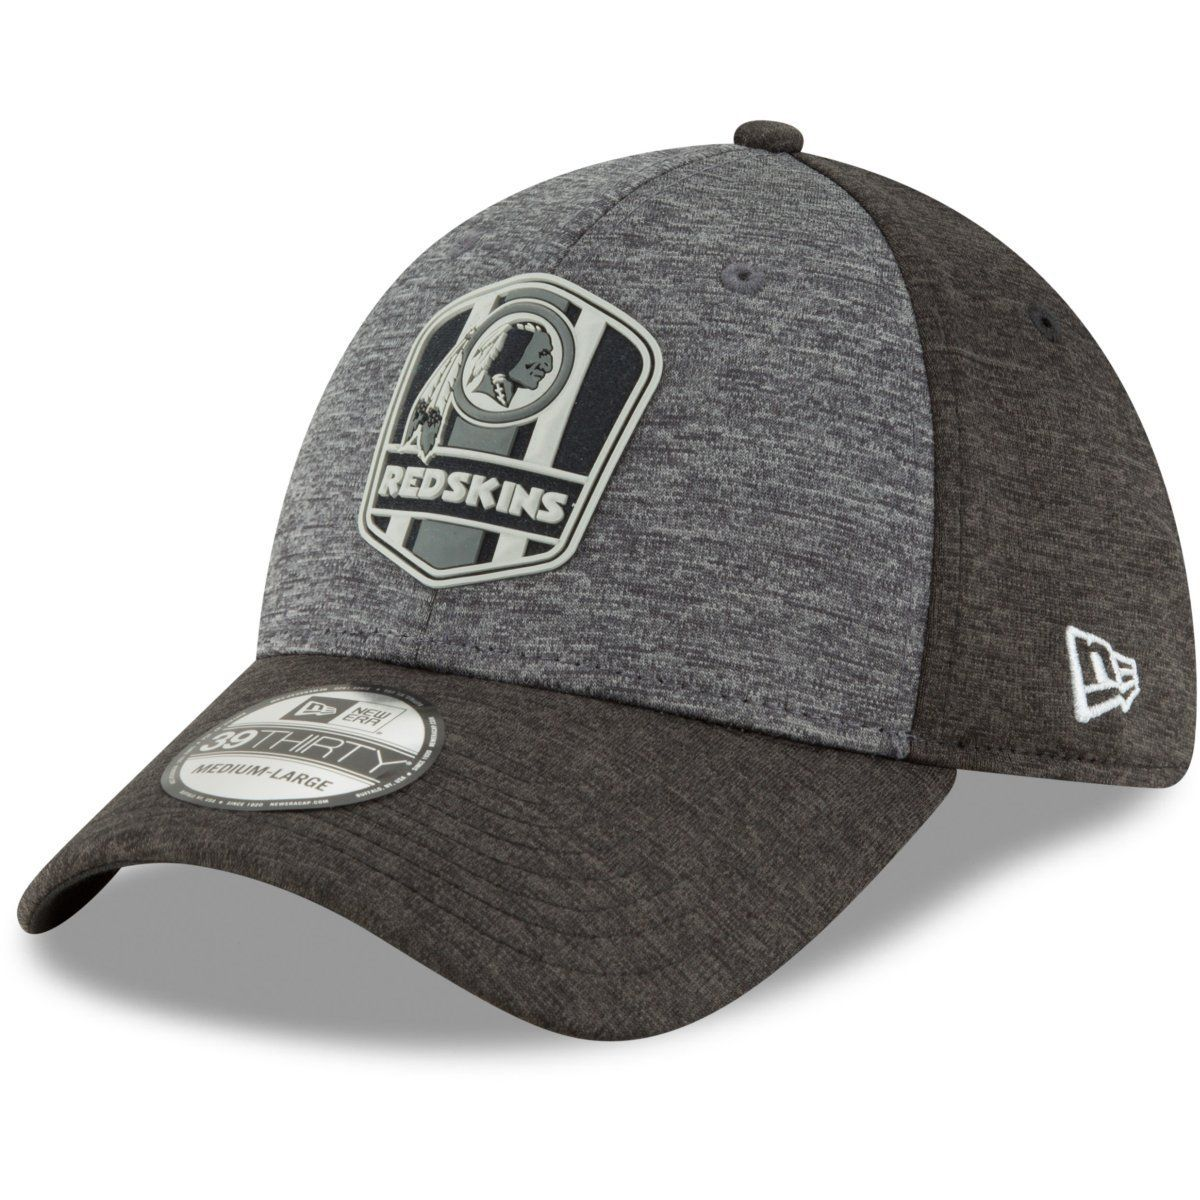 amfoo - New Era 39Thirty Cap - Black Sideline Washington Redskins